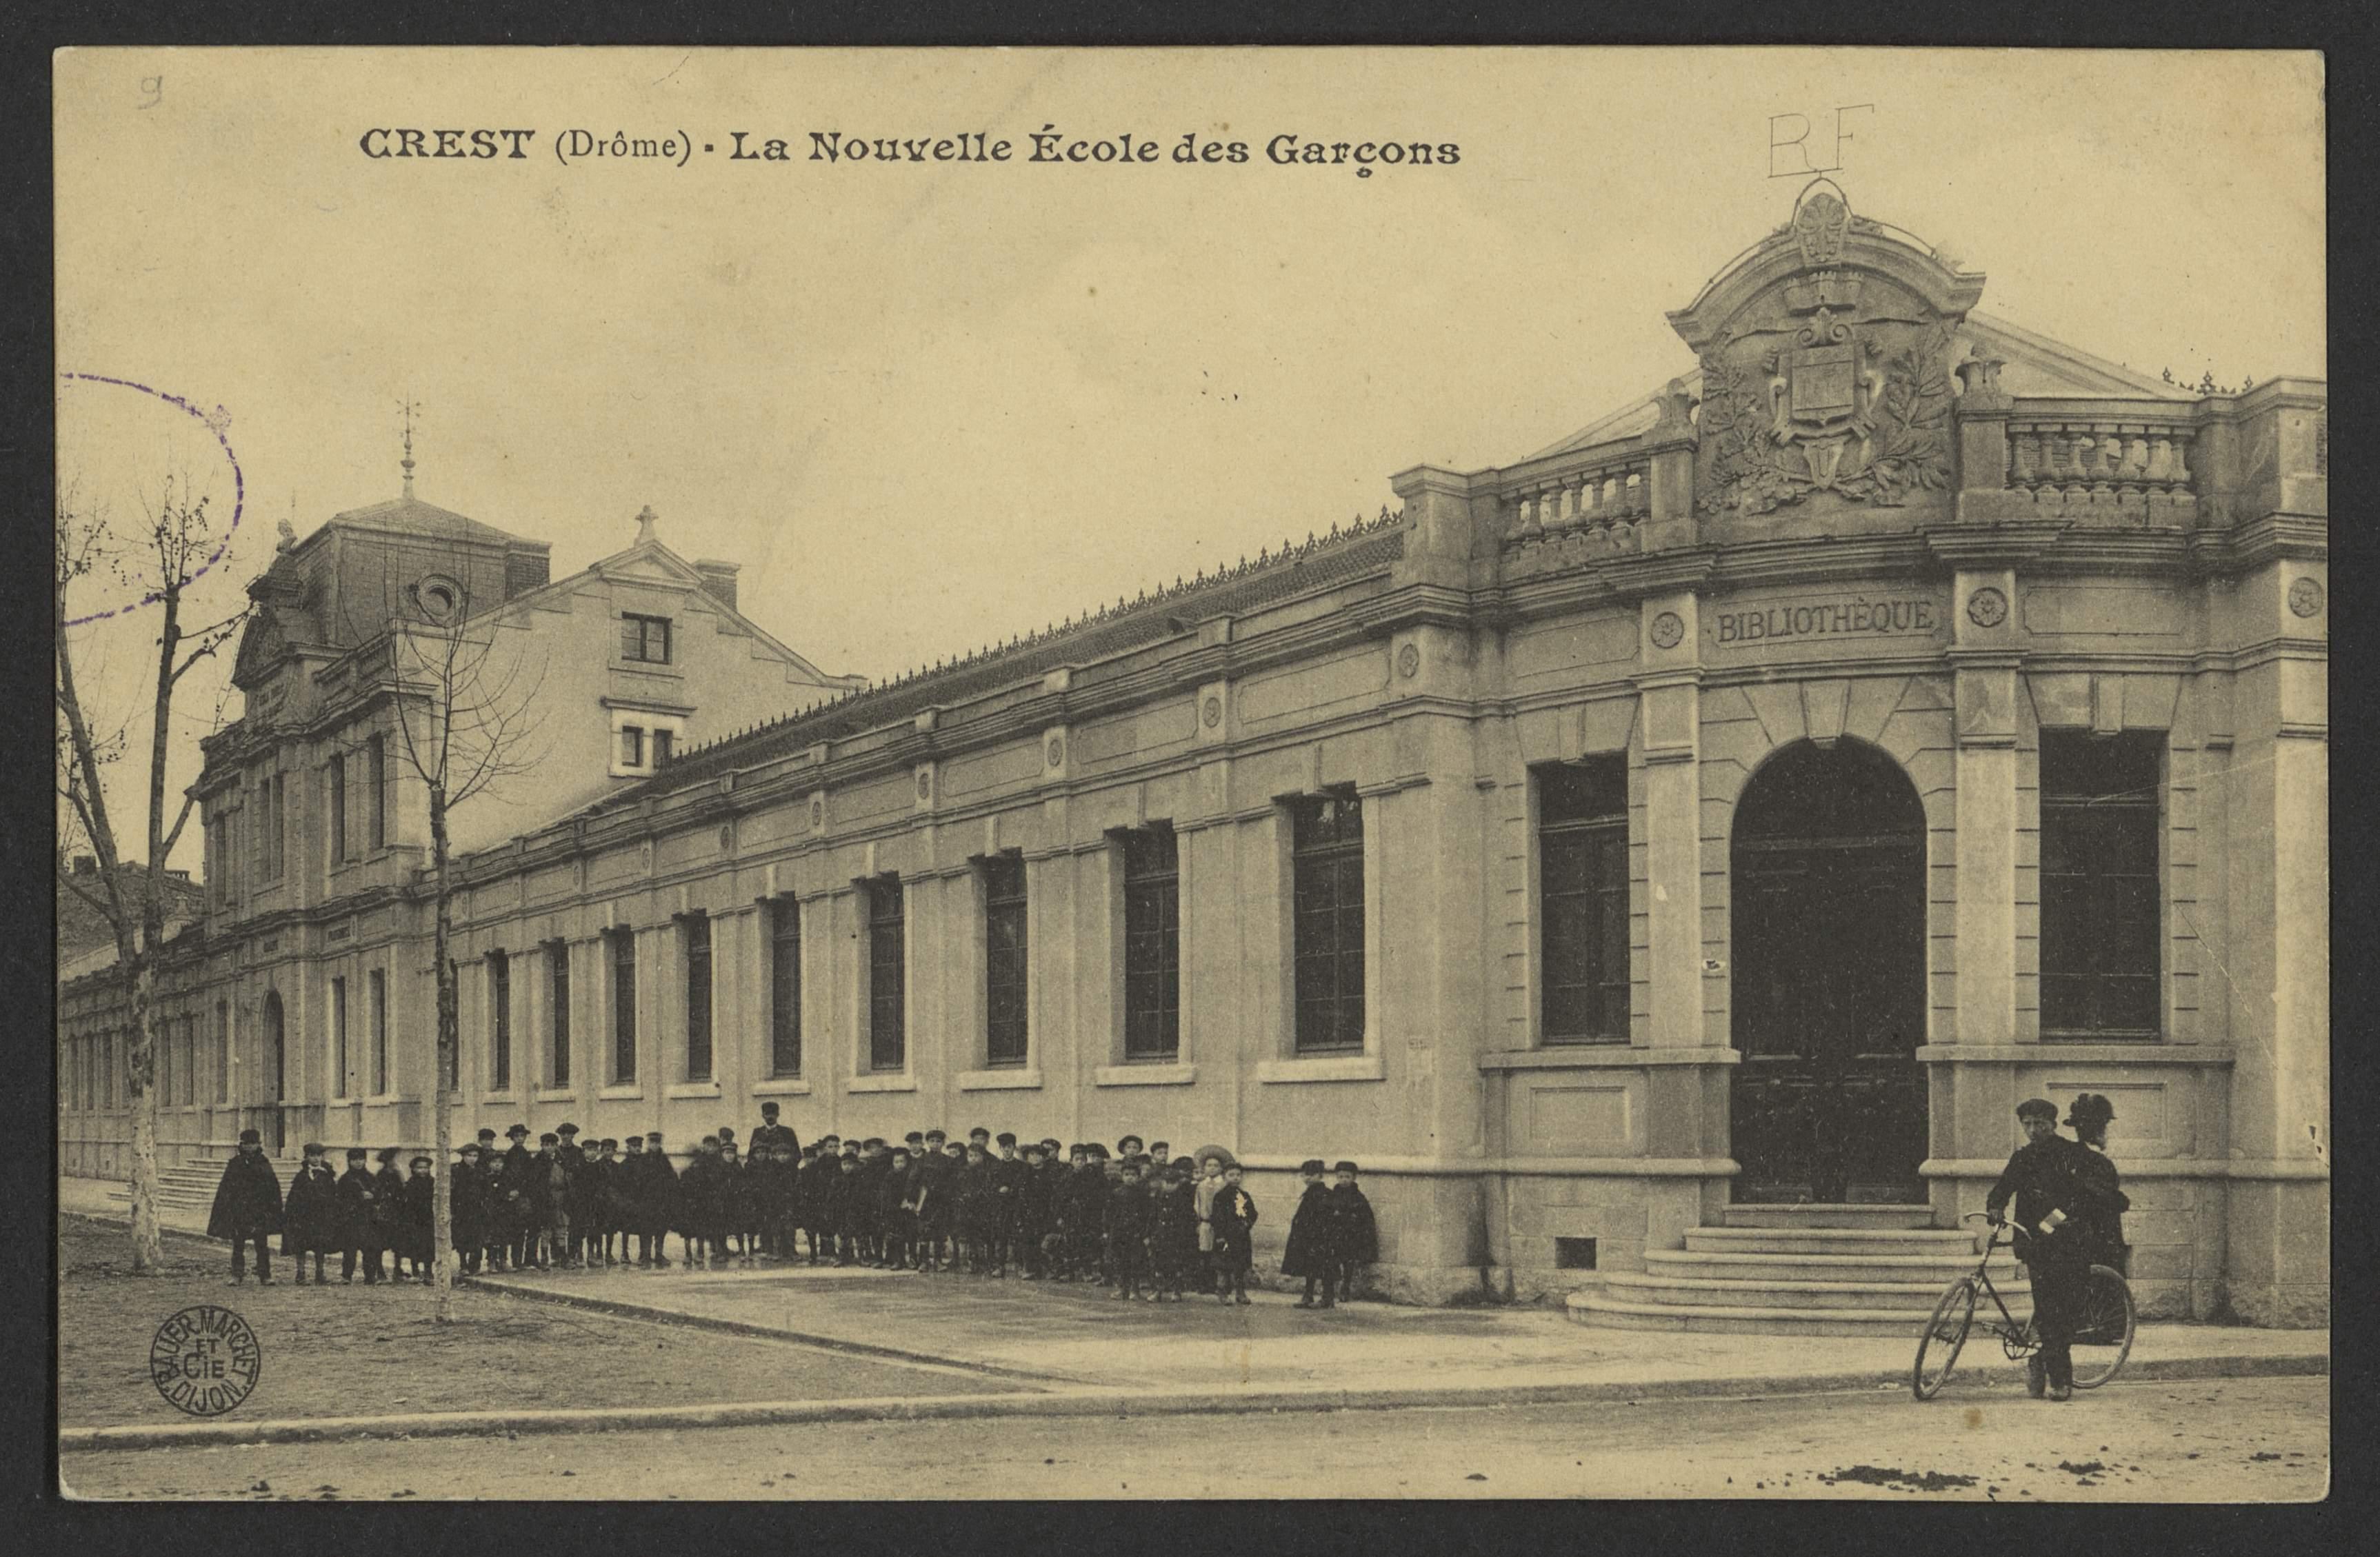 Crest (Drôme) - La Nouvelle École des Garçons